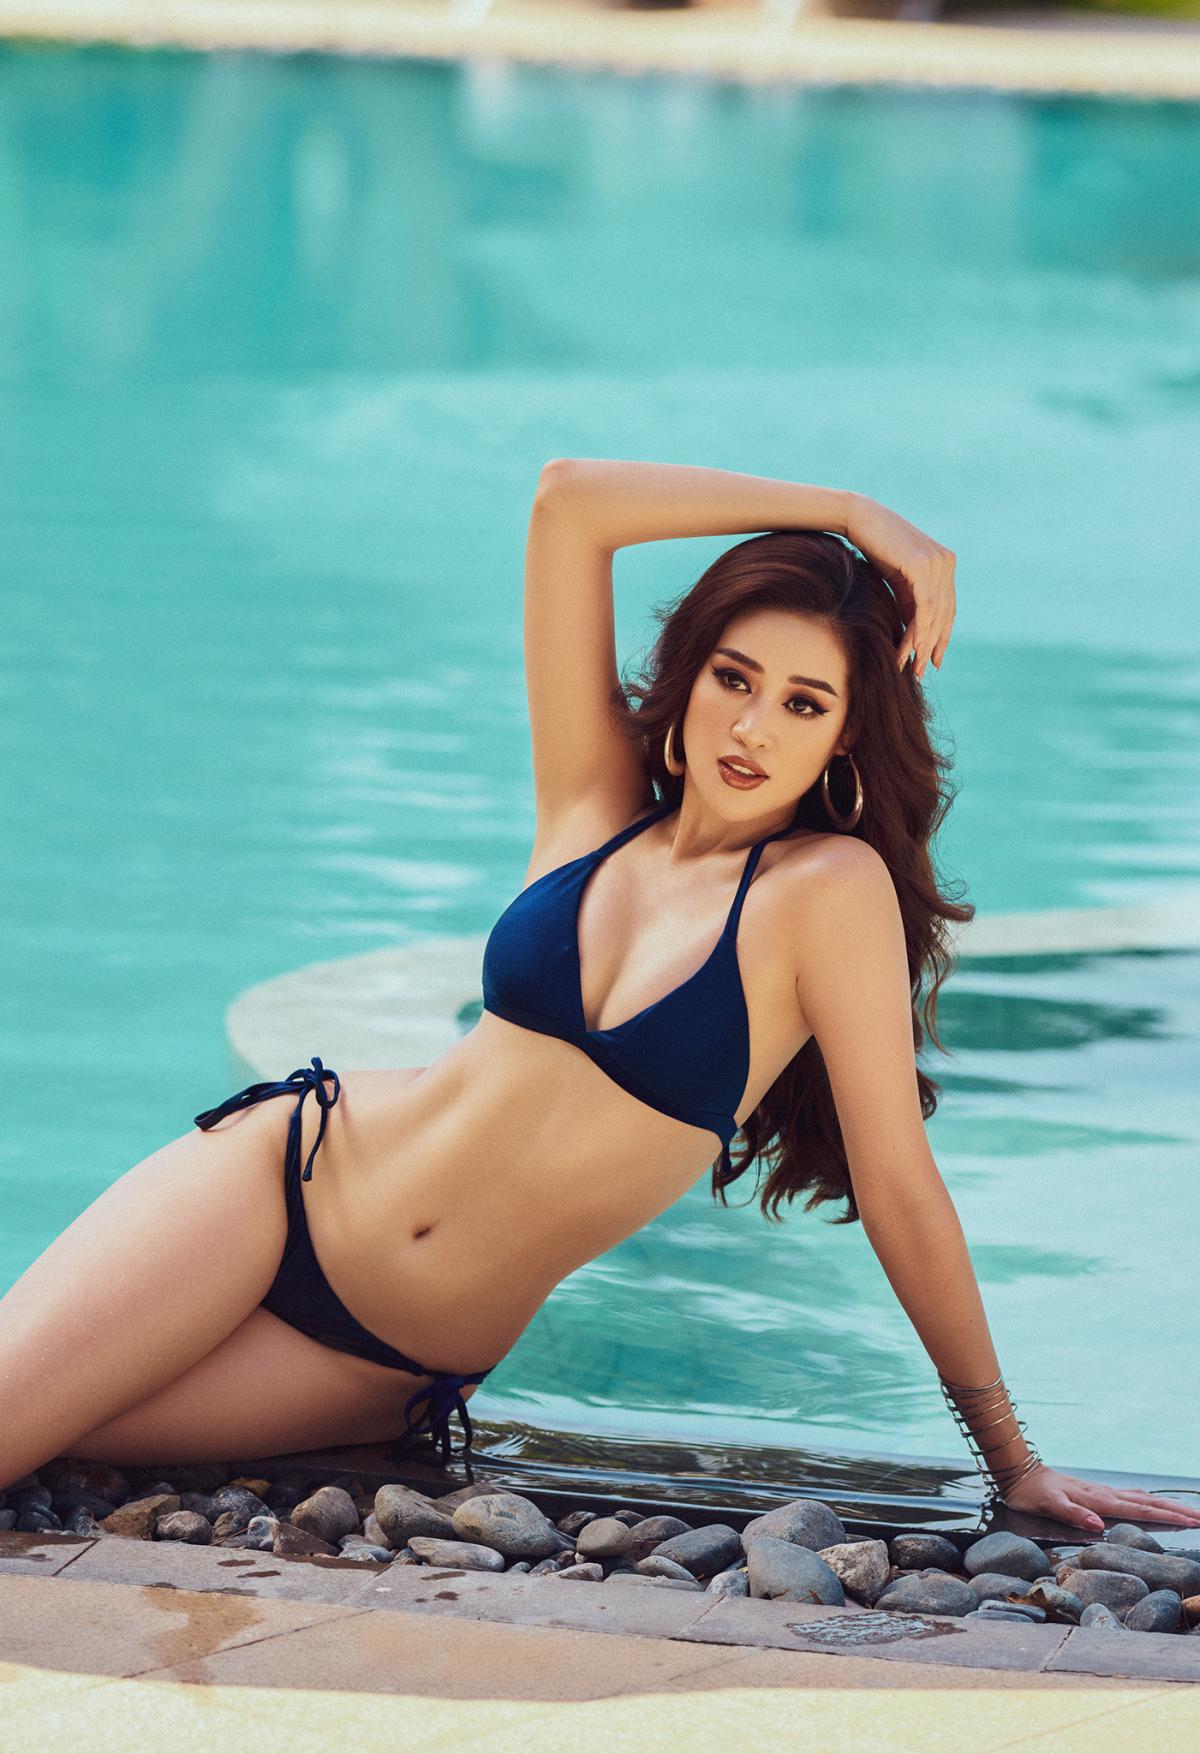 Mãn nhãn bộ ảnh bikini nóng bỏng của Hoa hậu Khánh Vân tại hồ bơi - Ảnh 3.